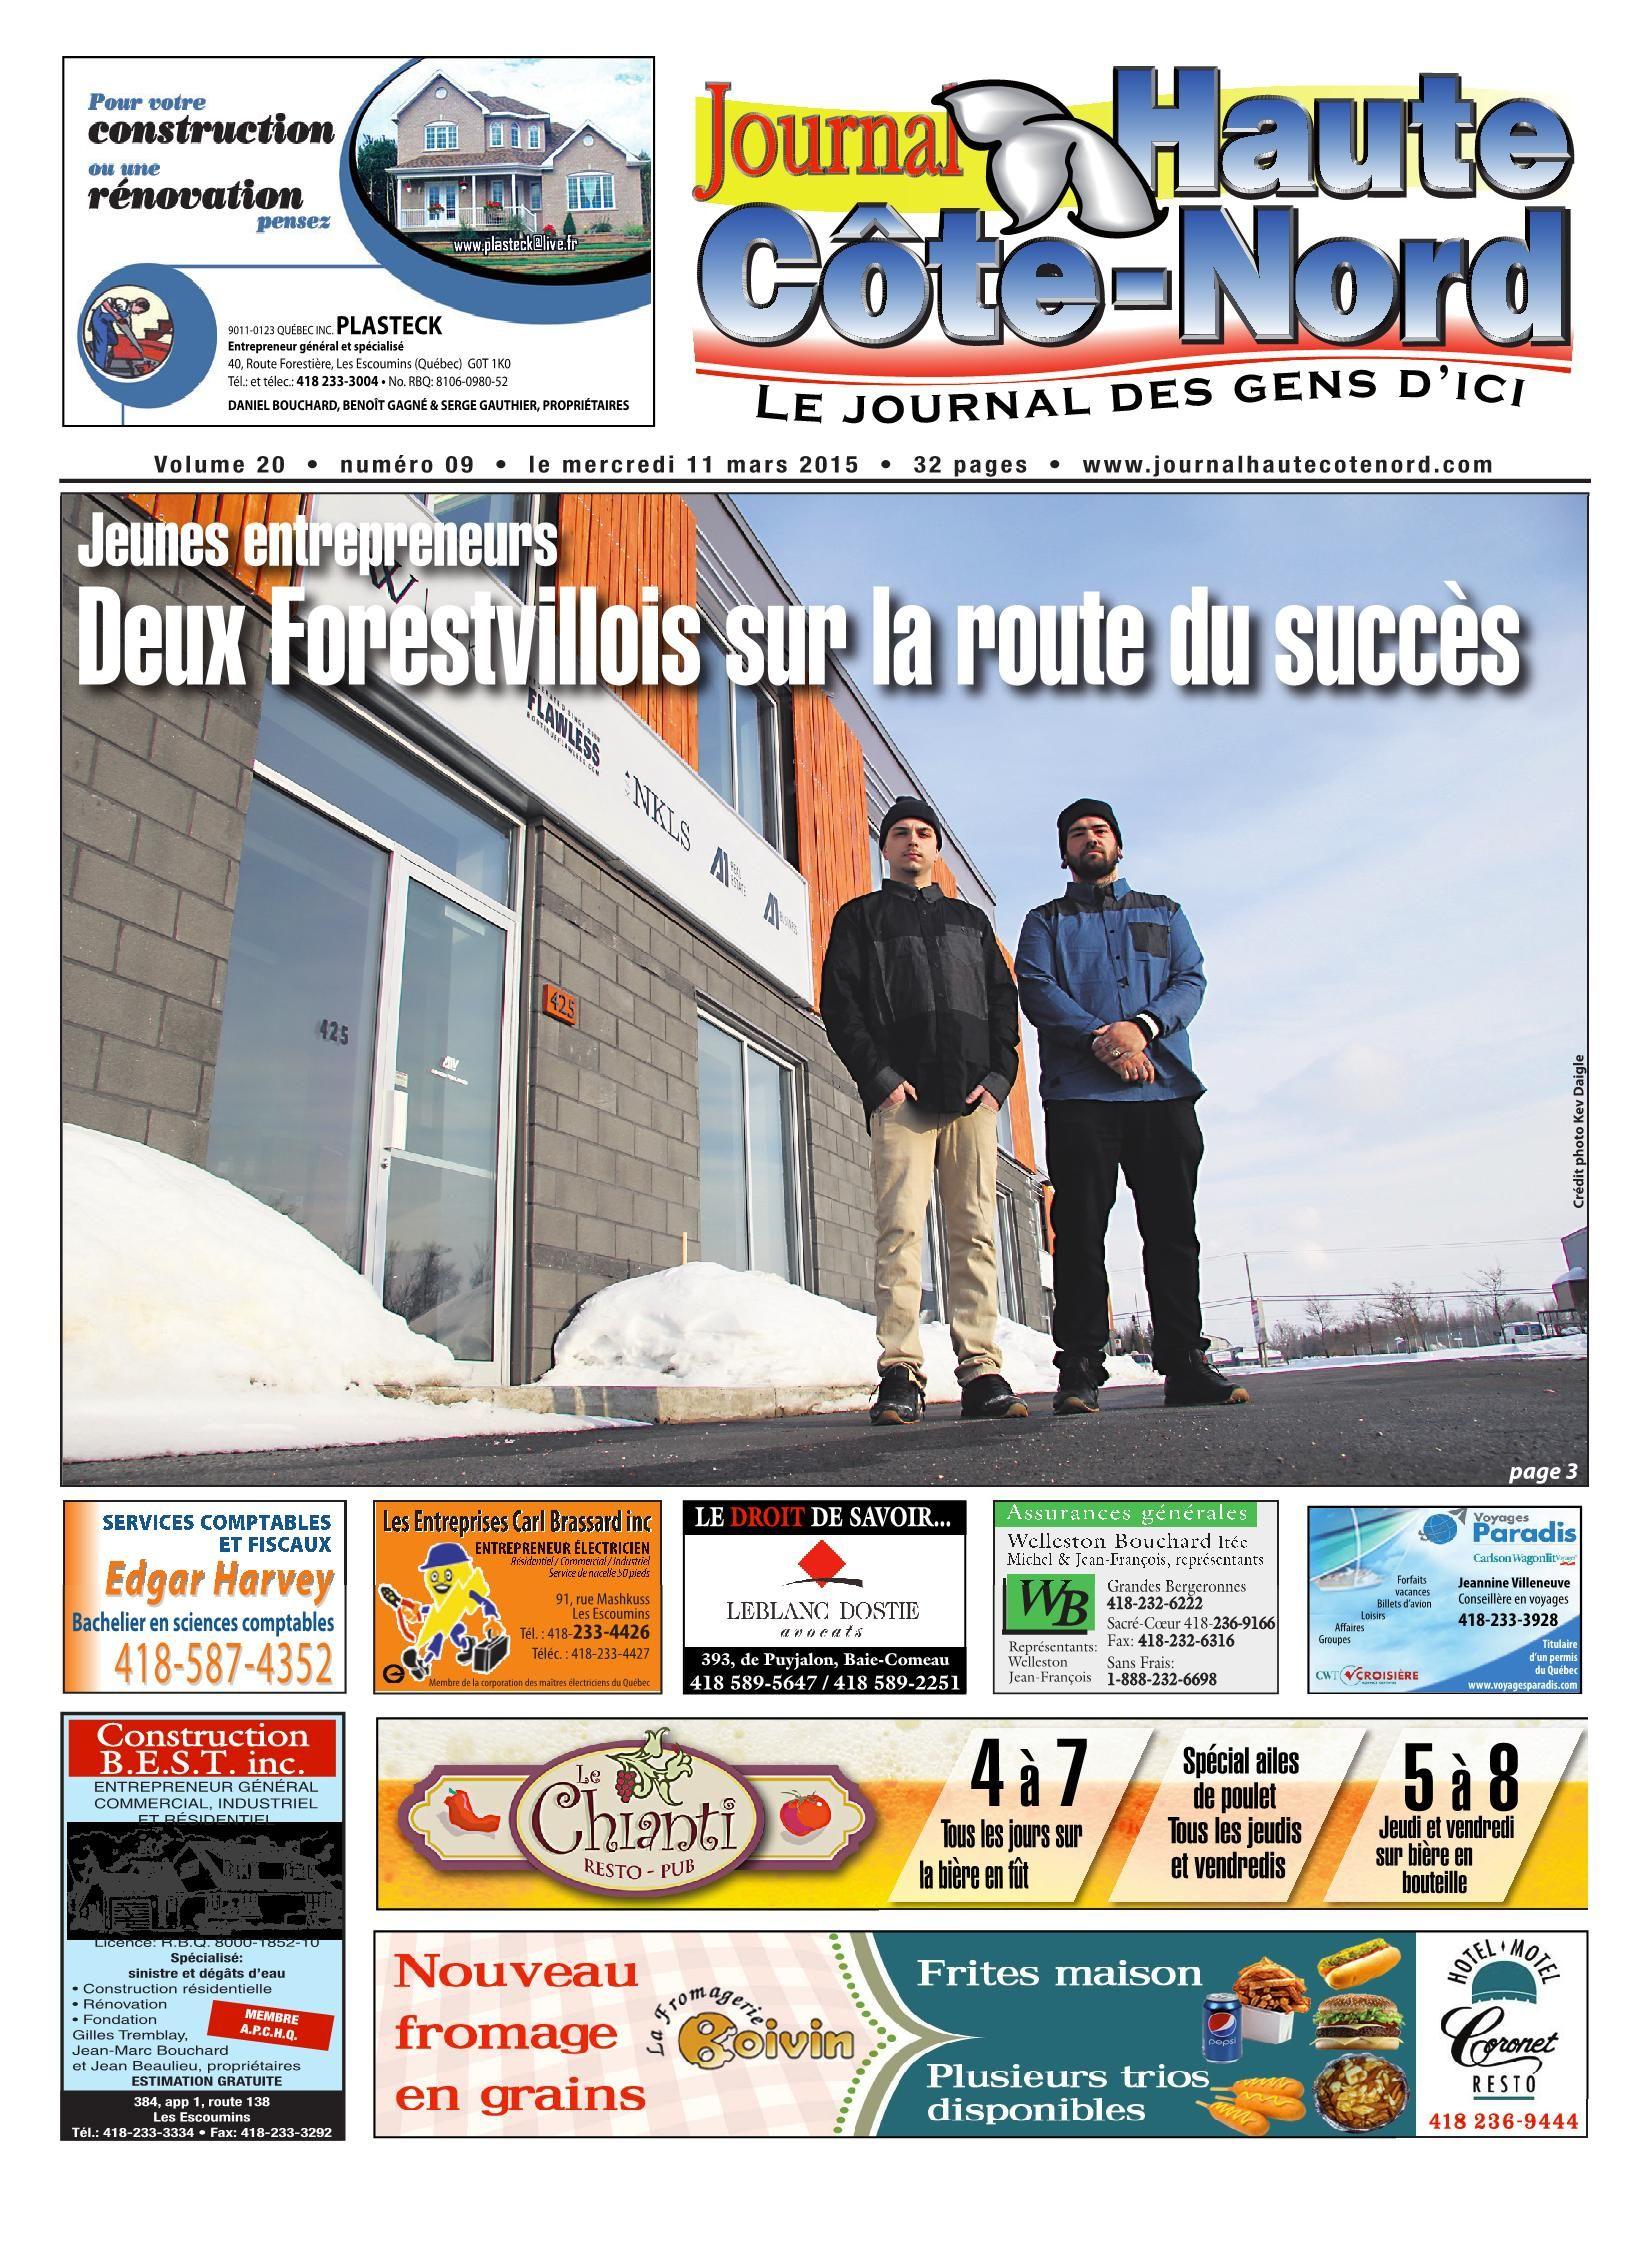 Le Haute-Côte-Nord 11 Mars 2015 Pages 1 - 32 - Text Version tout Mars De Maurice Careme A Imprimer